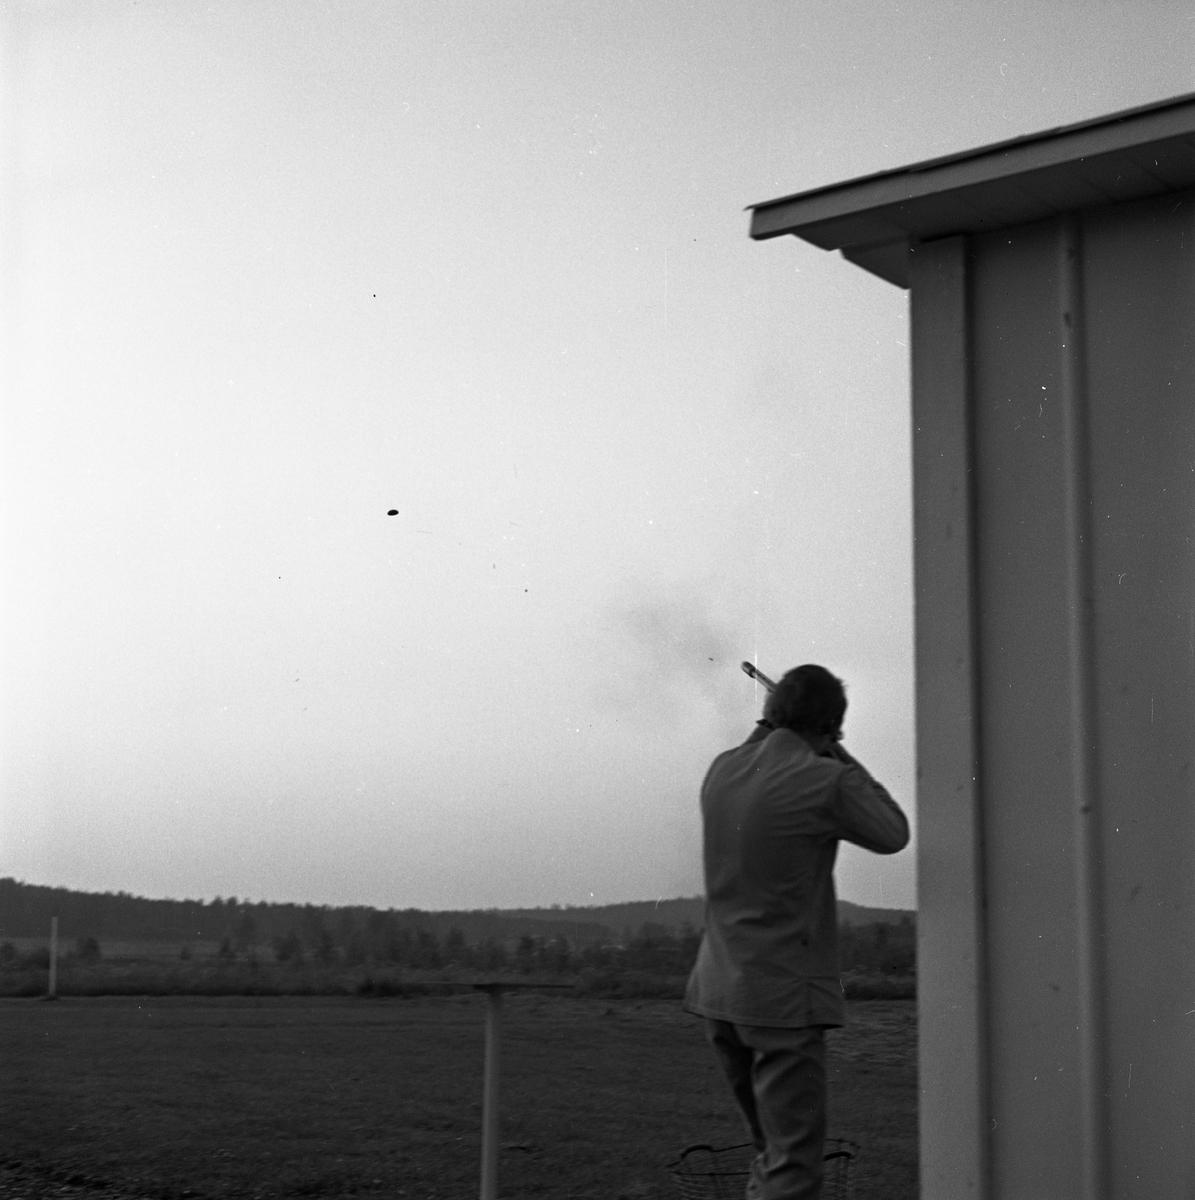 Lerduveskytte i Gyttorp. Skyttar från Arboga tränar. Man som skjuter mot lerduva.